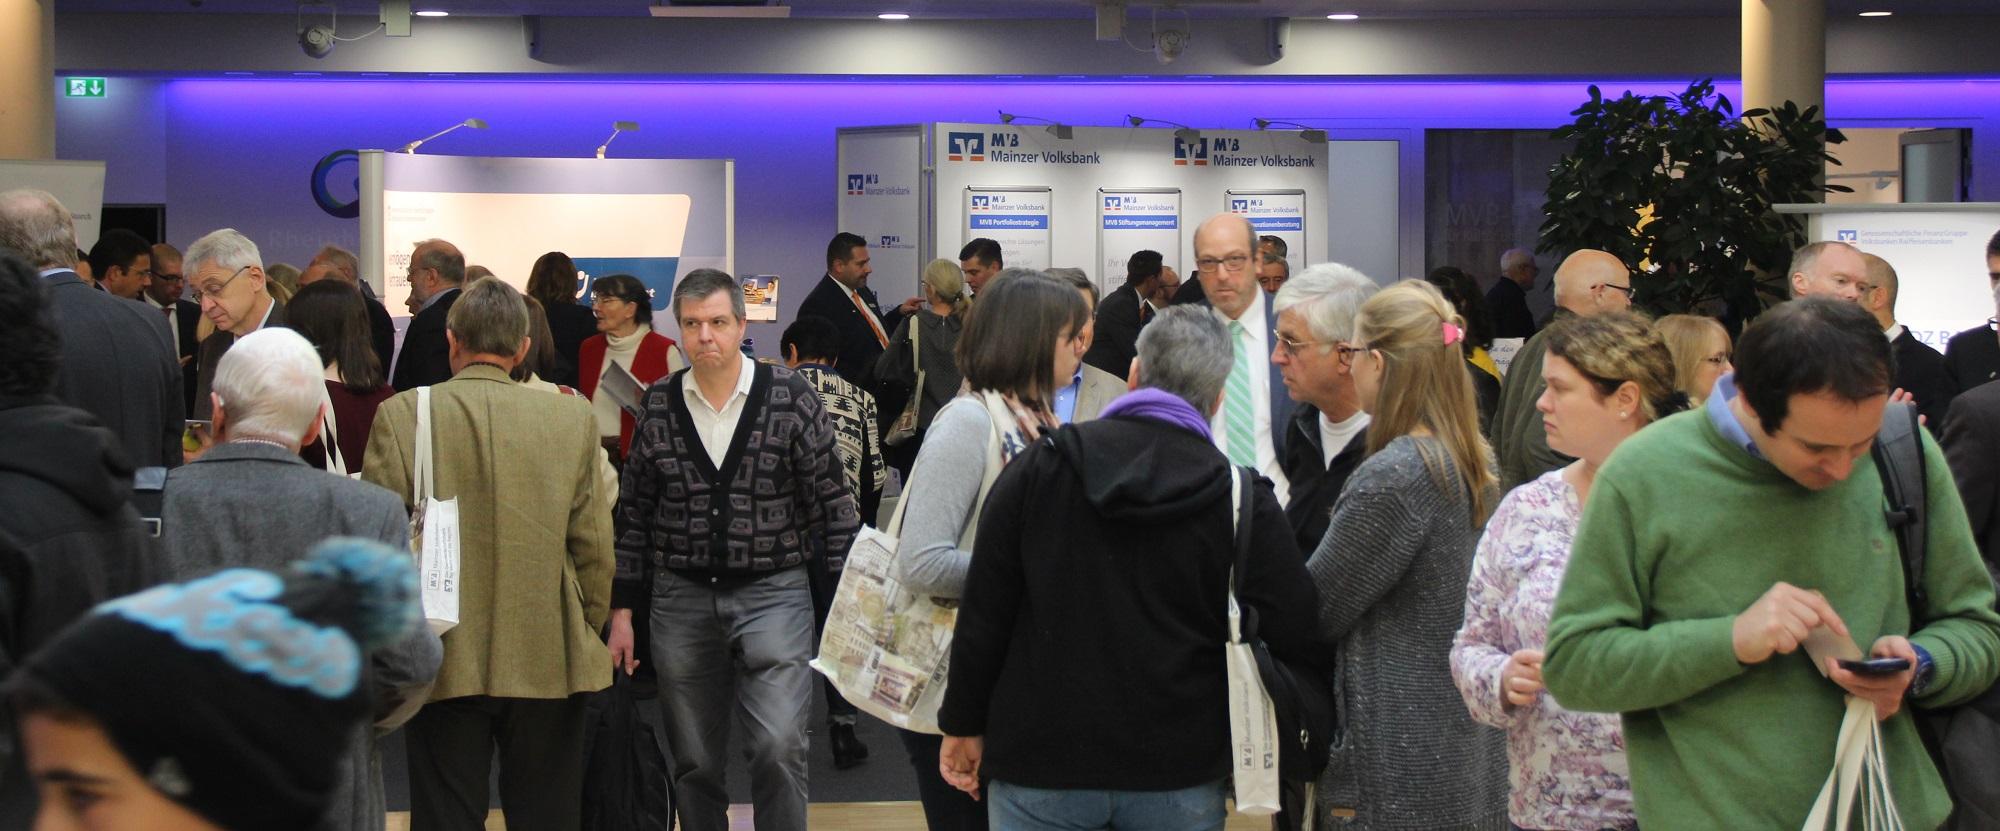 MVB-Anlegermesse 2016